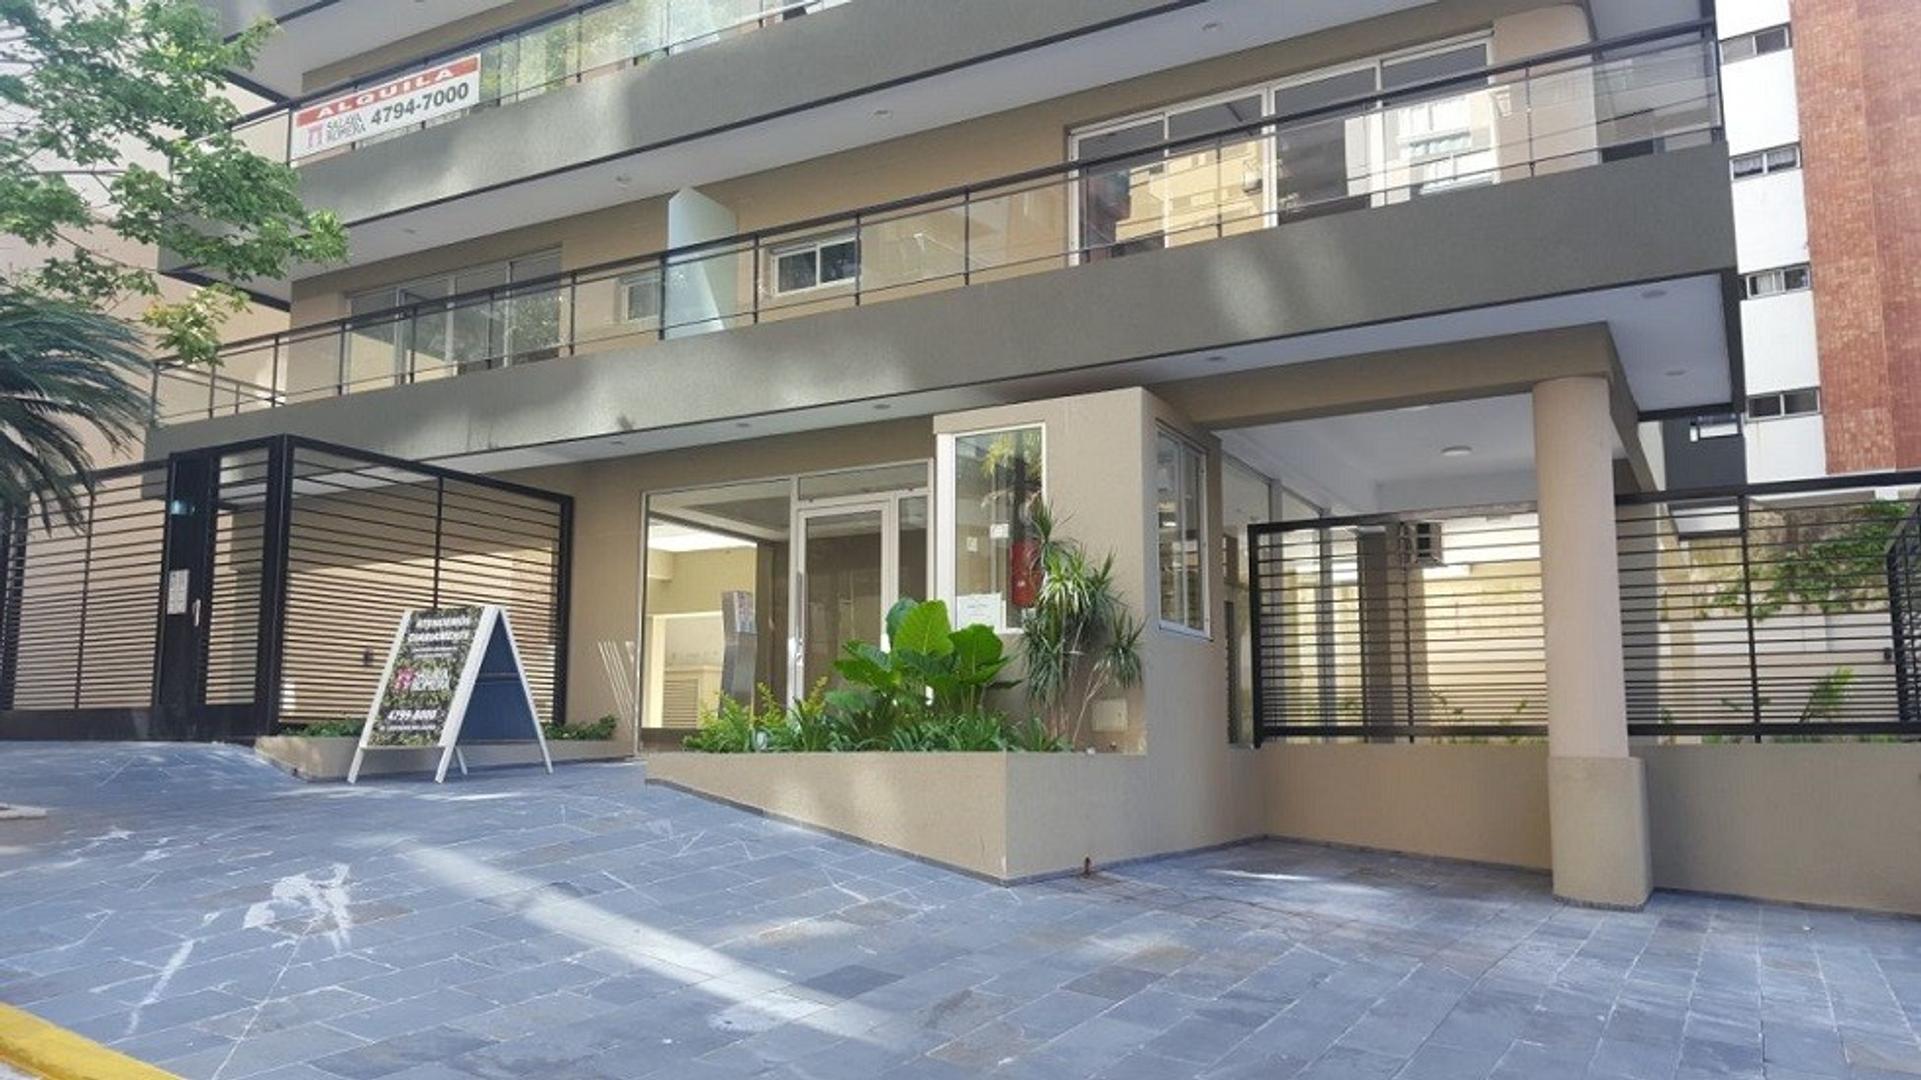 Departamento - Alquiler - Argentina, Olivos - Juan Bautista Alberdi  AL 500